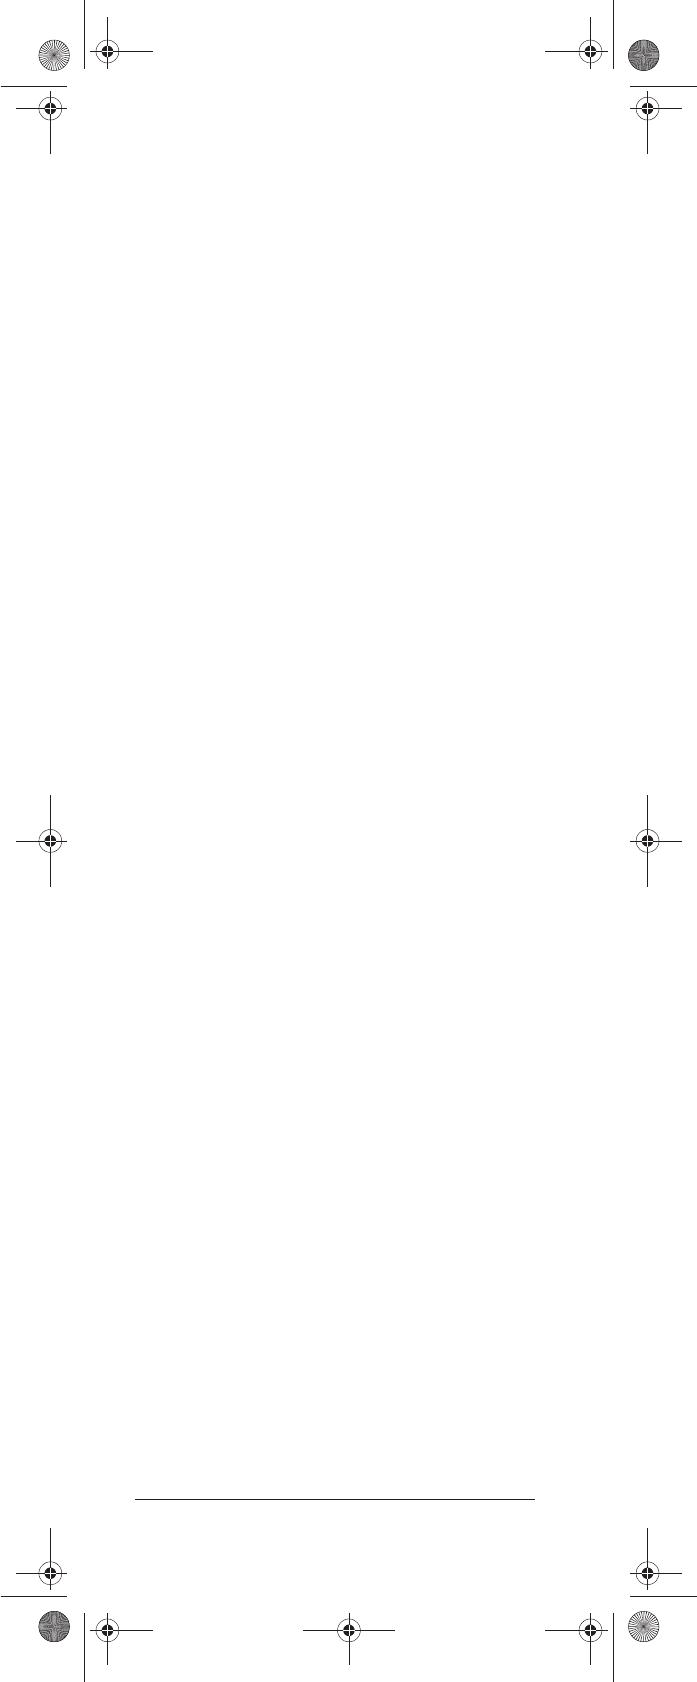 Bedienungsanleitung Tevion (Medion) UFB314 (Seite 152 von 159 ...